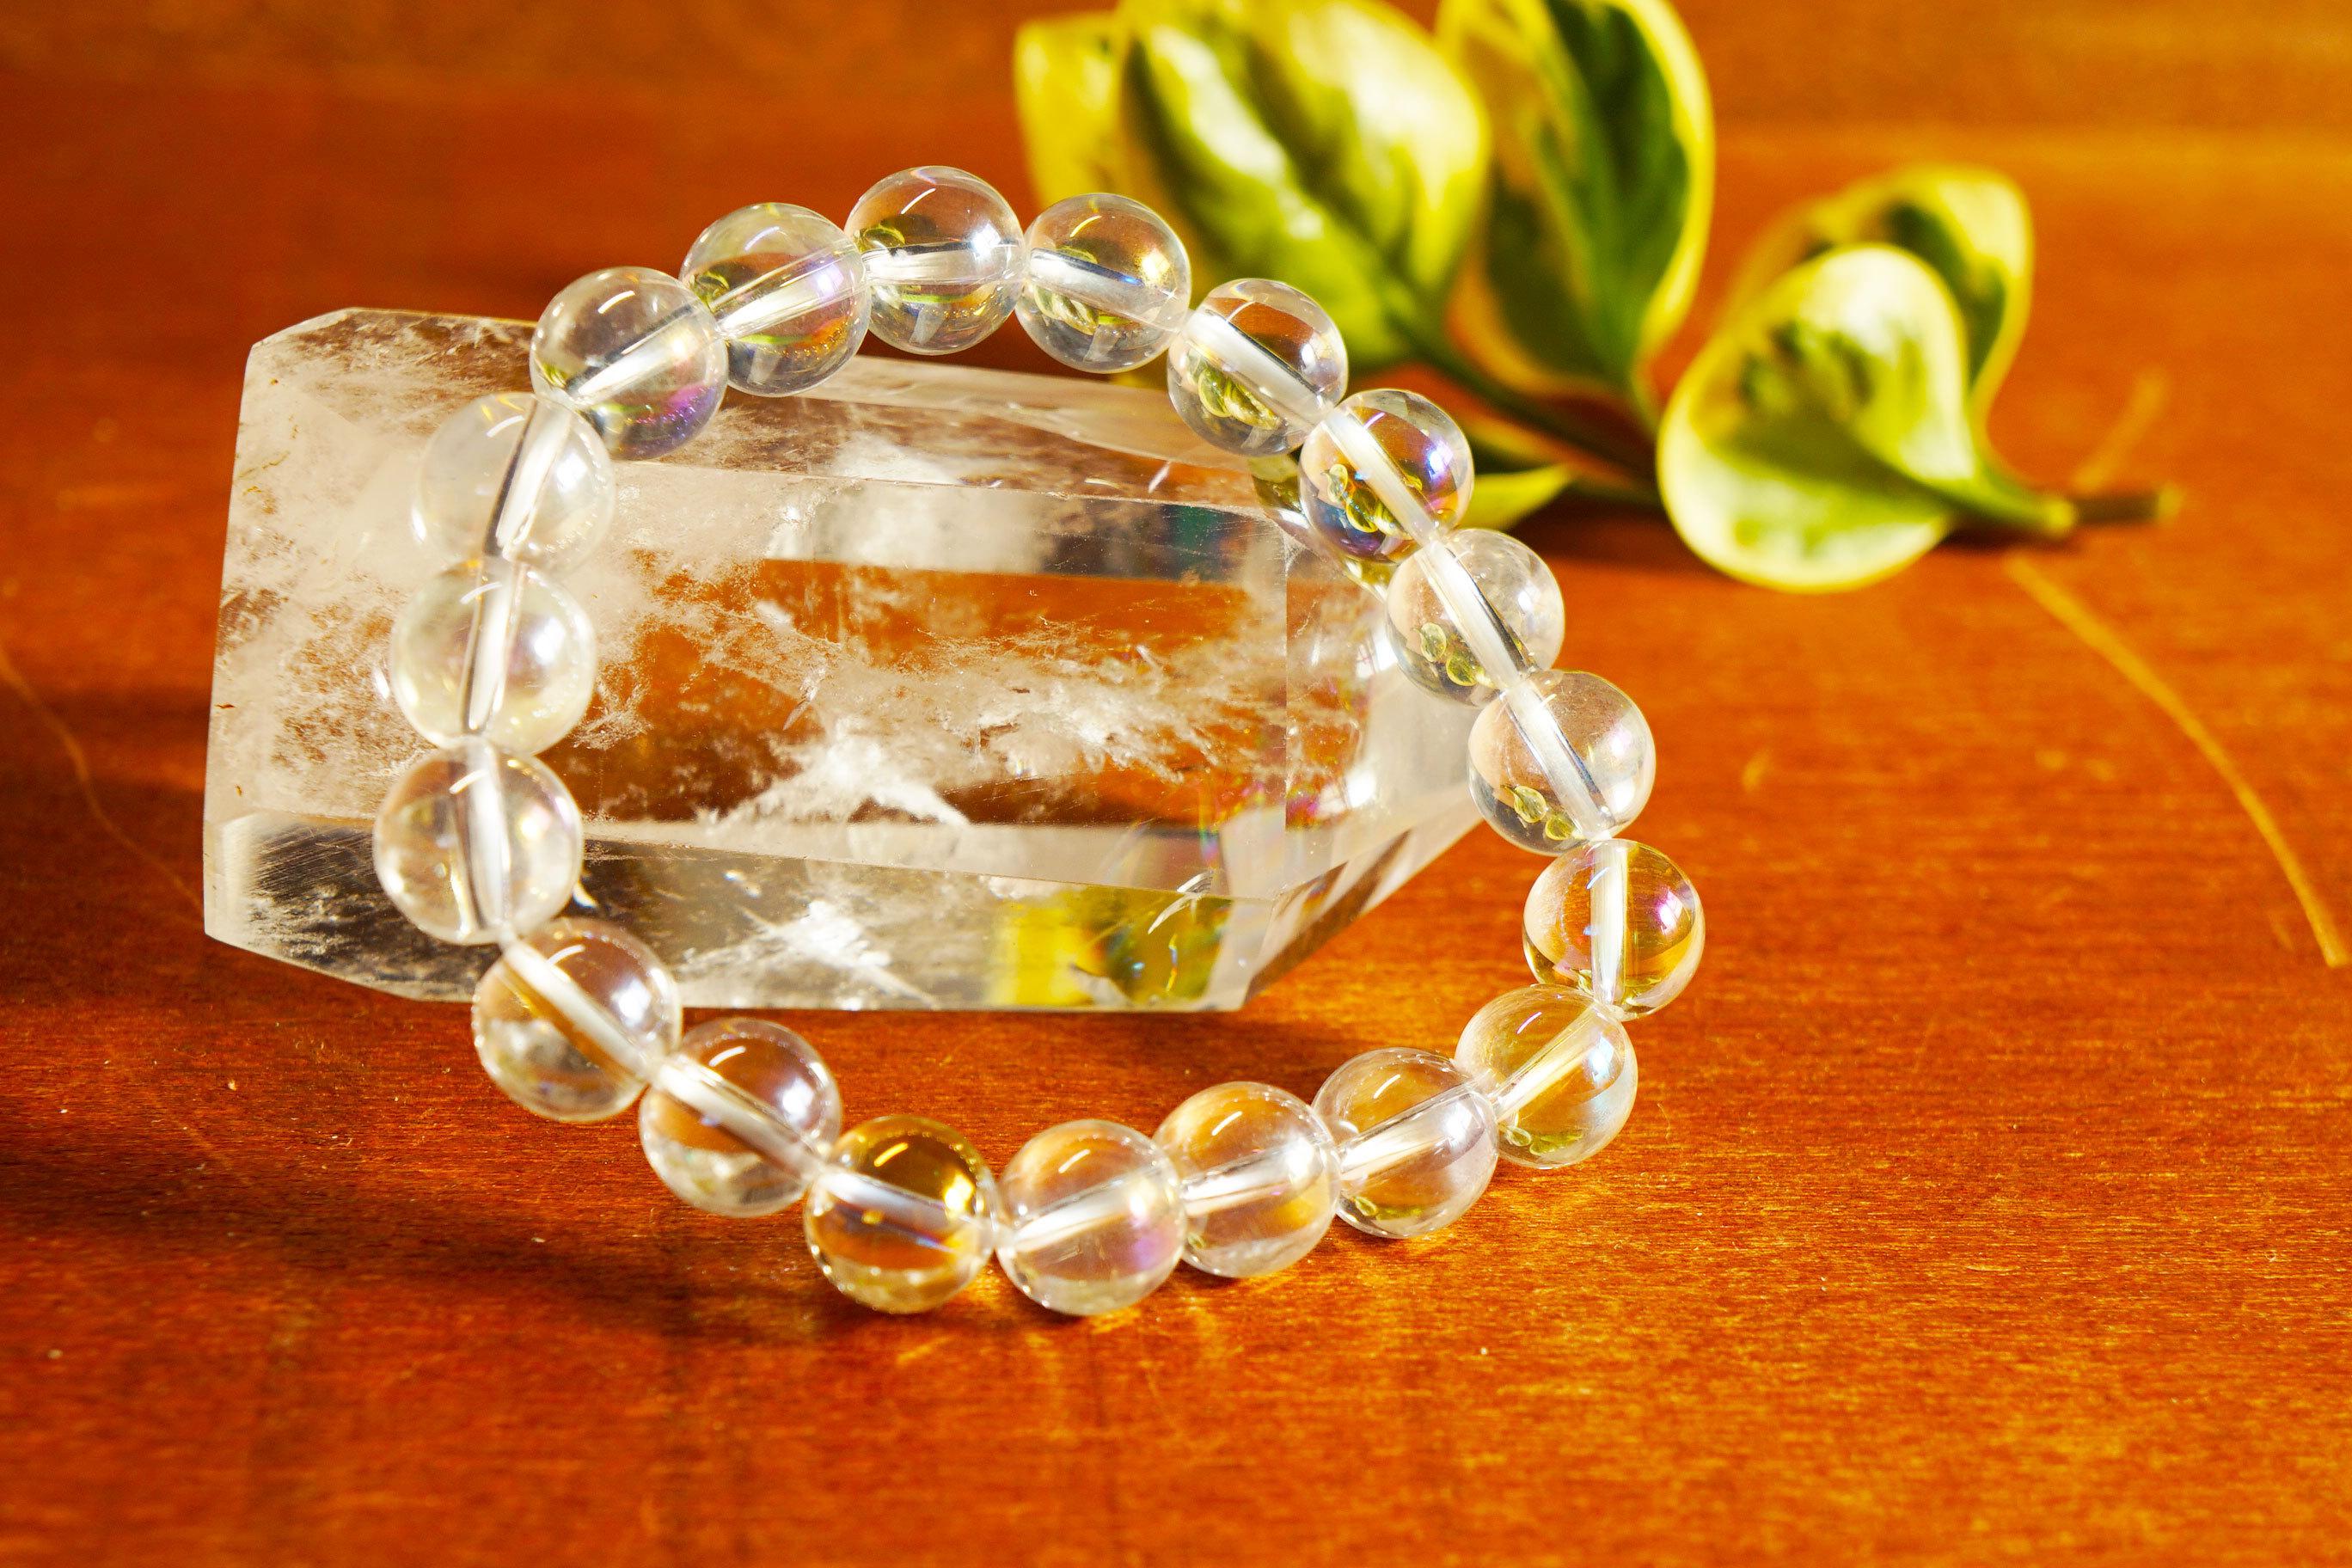 天然石 癒し浄化に⁉ コスモオーラ水晶  ブレスレット 10mm